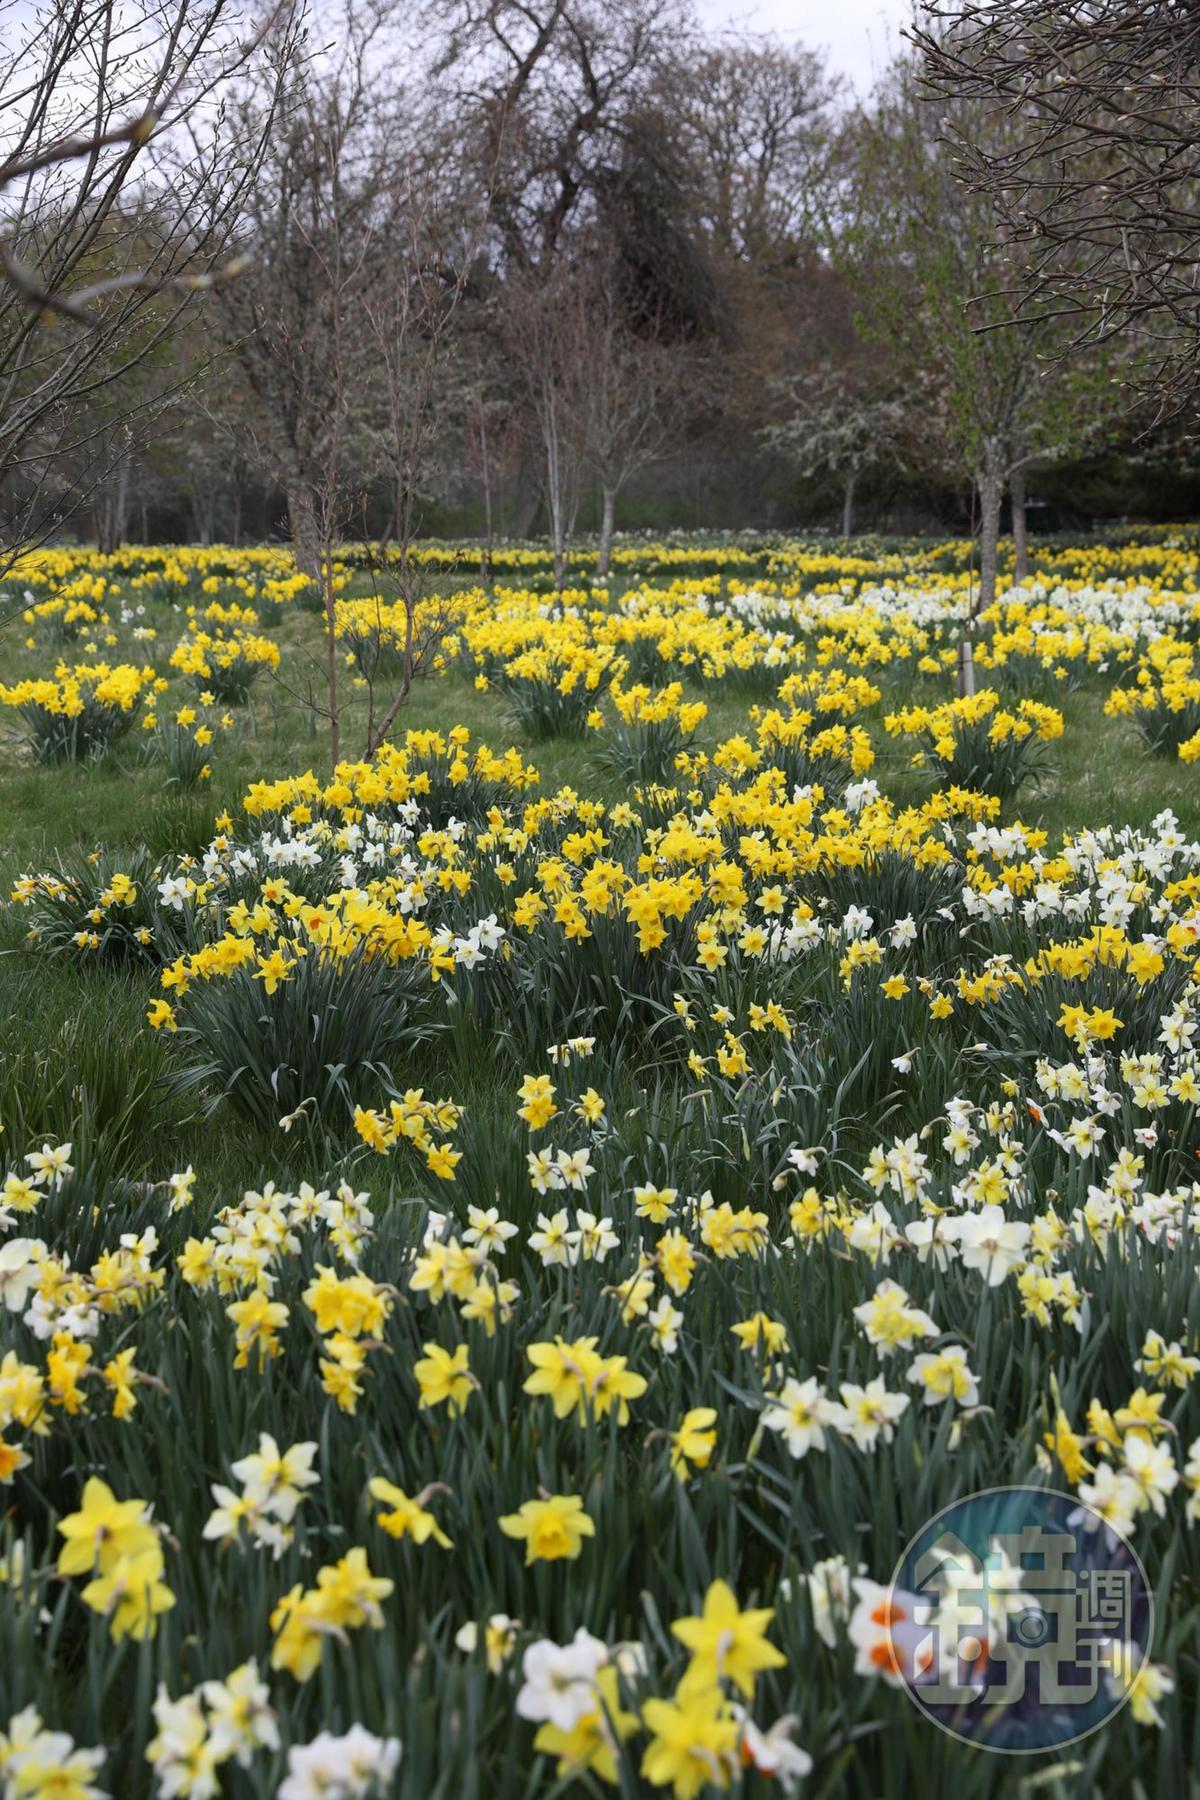 春夏之交的蘇格蘭,到處都是黃白花兒搖曳。